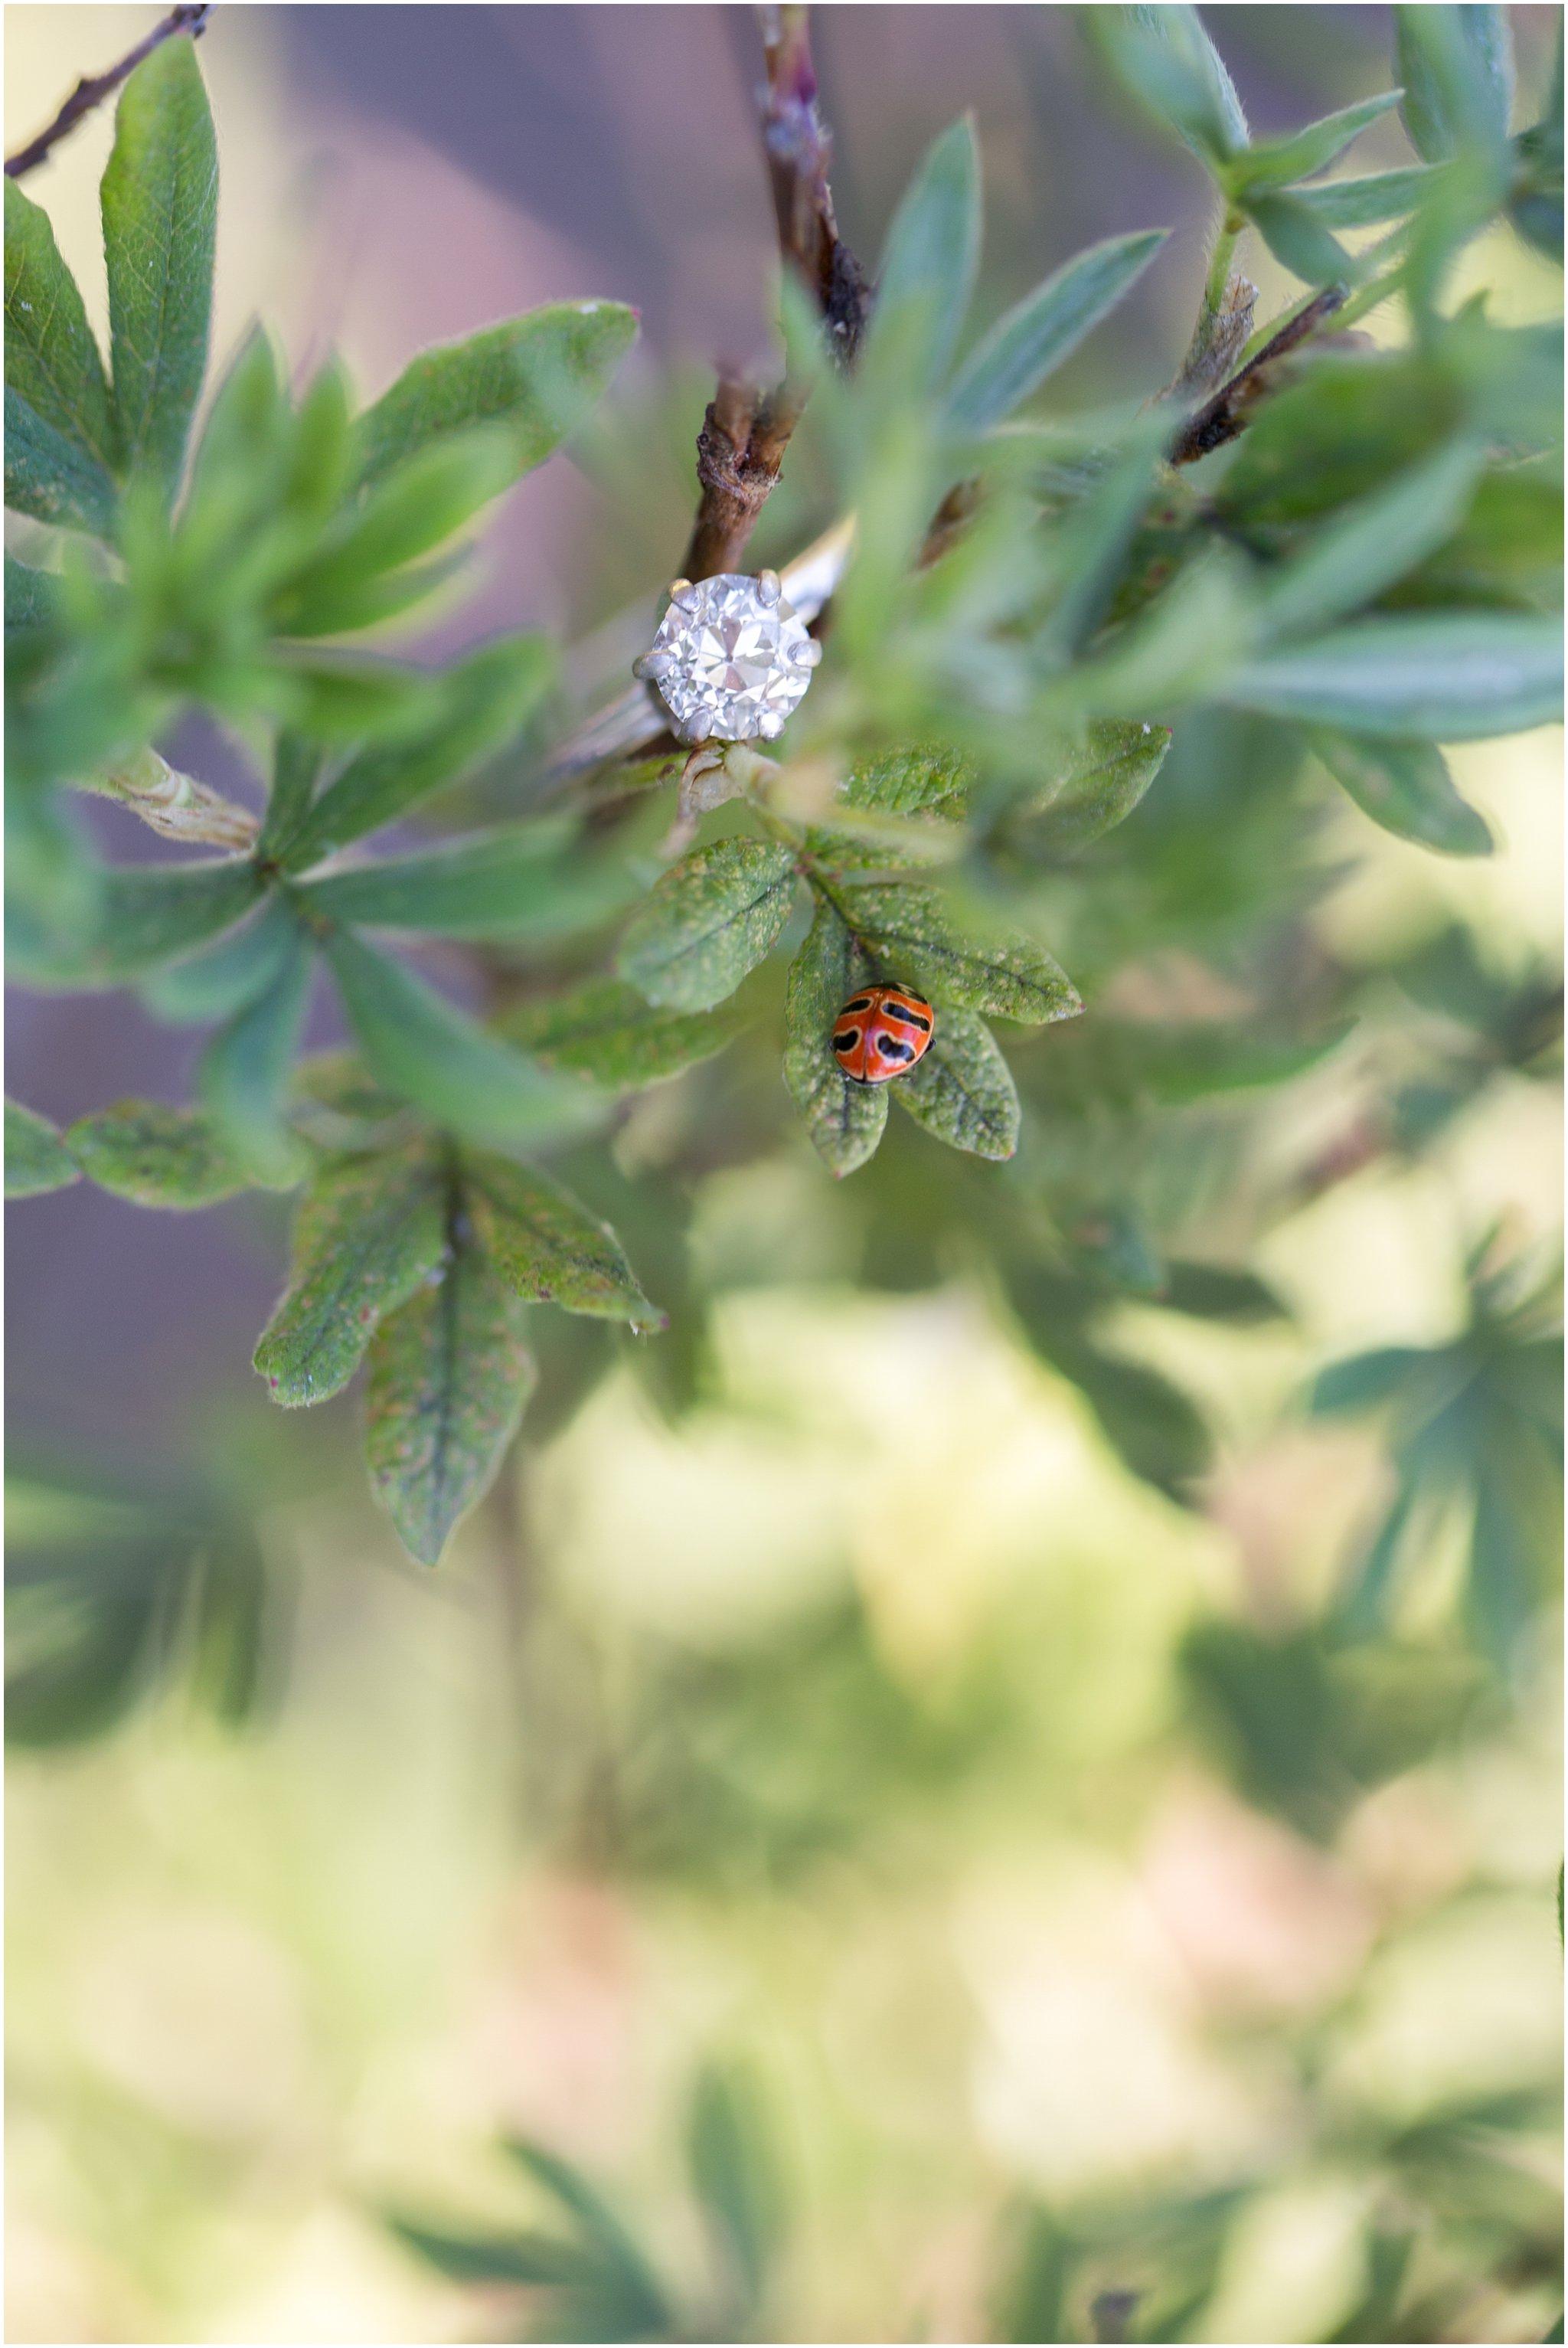 Engagement Ring with Ladybug